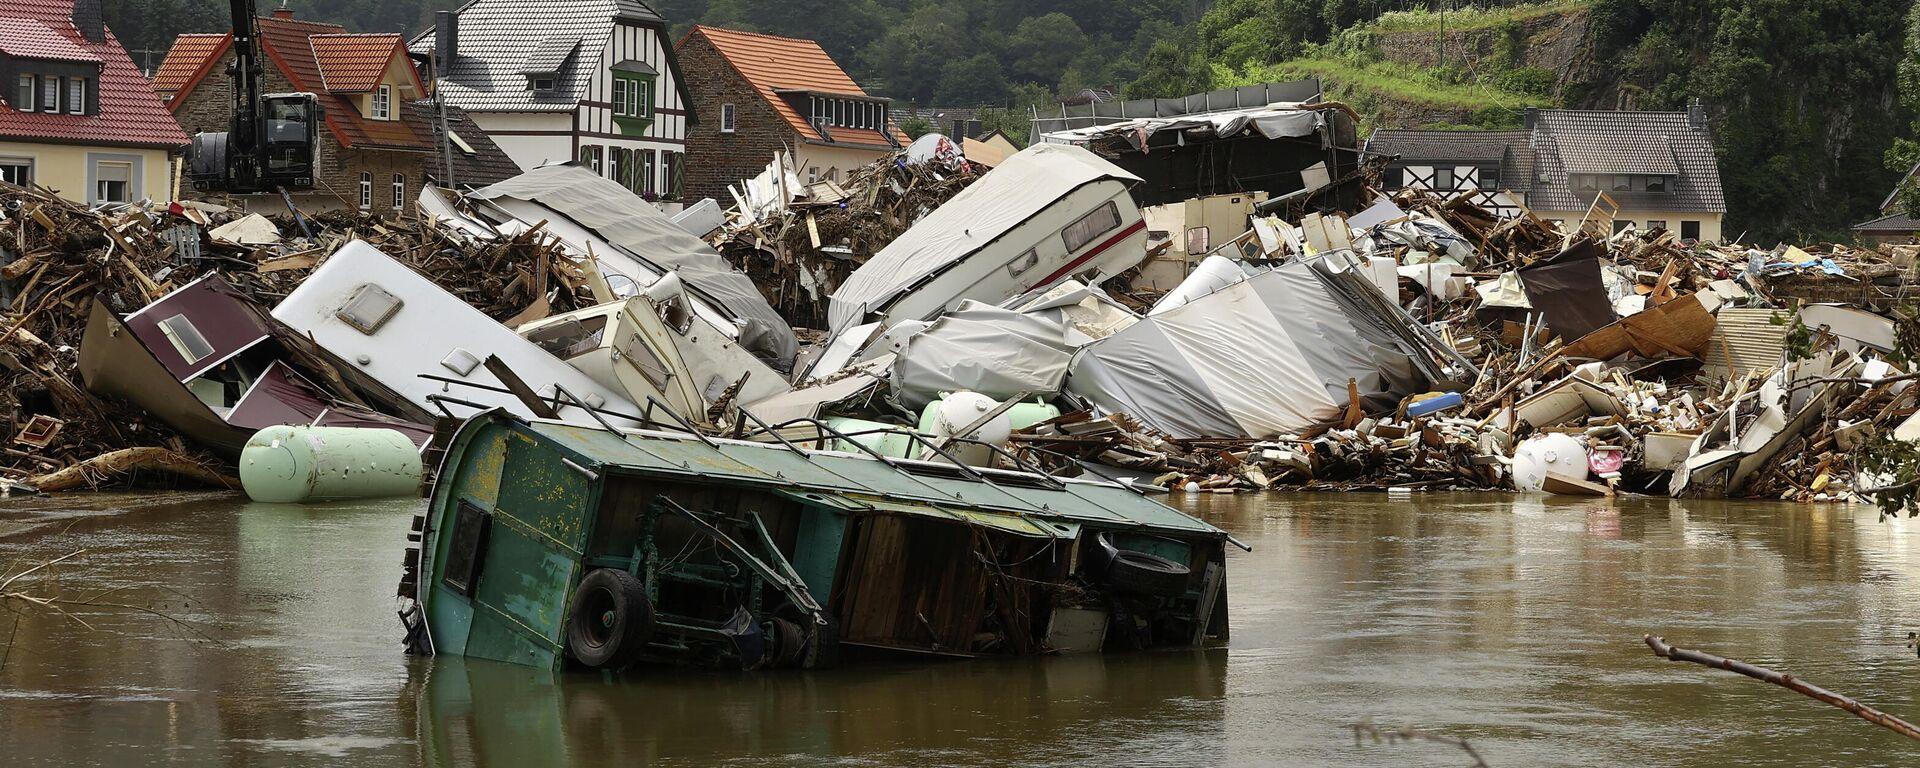 Hochwasser-Katastrophe in Deutschland im Juli 2021  - SNA, 1920, 29.08.2021